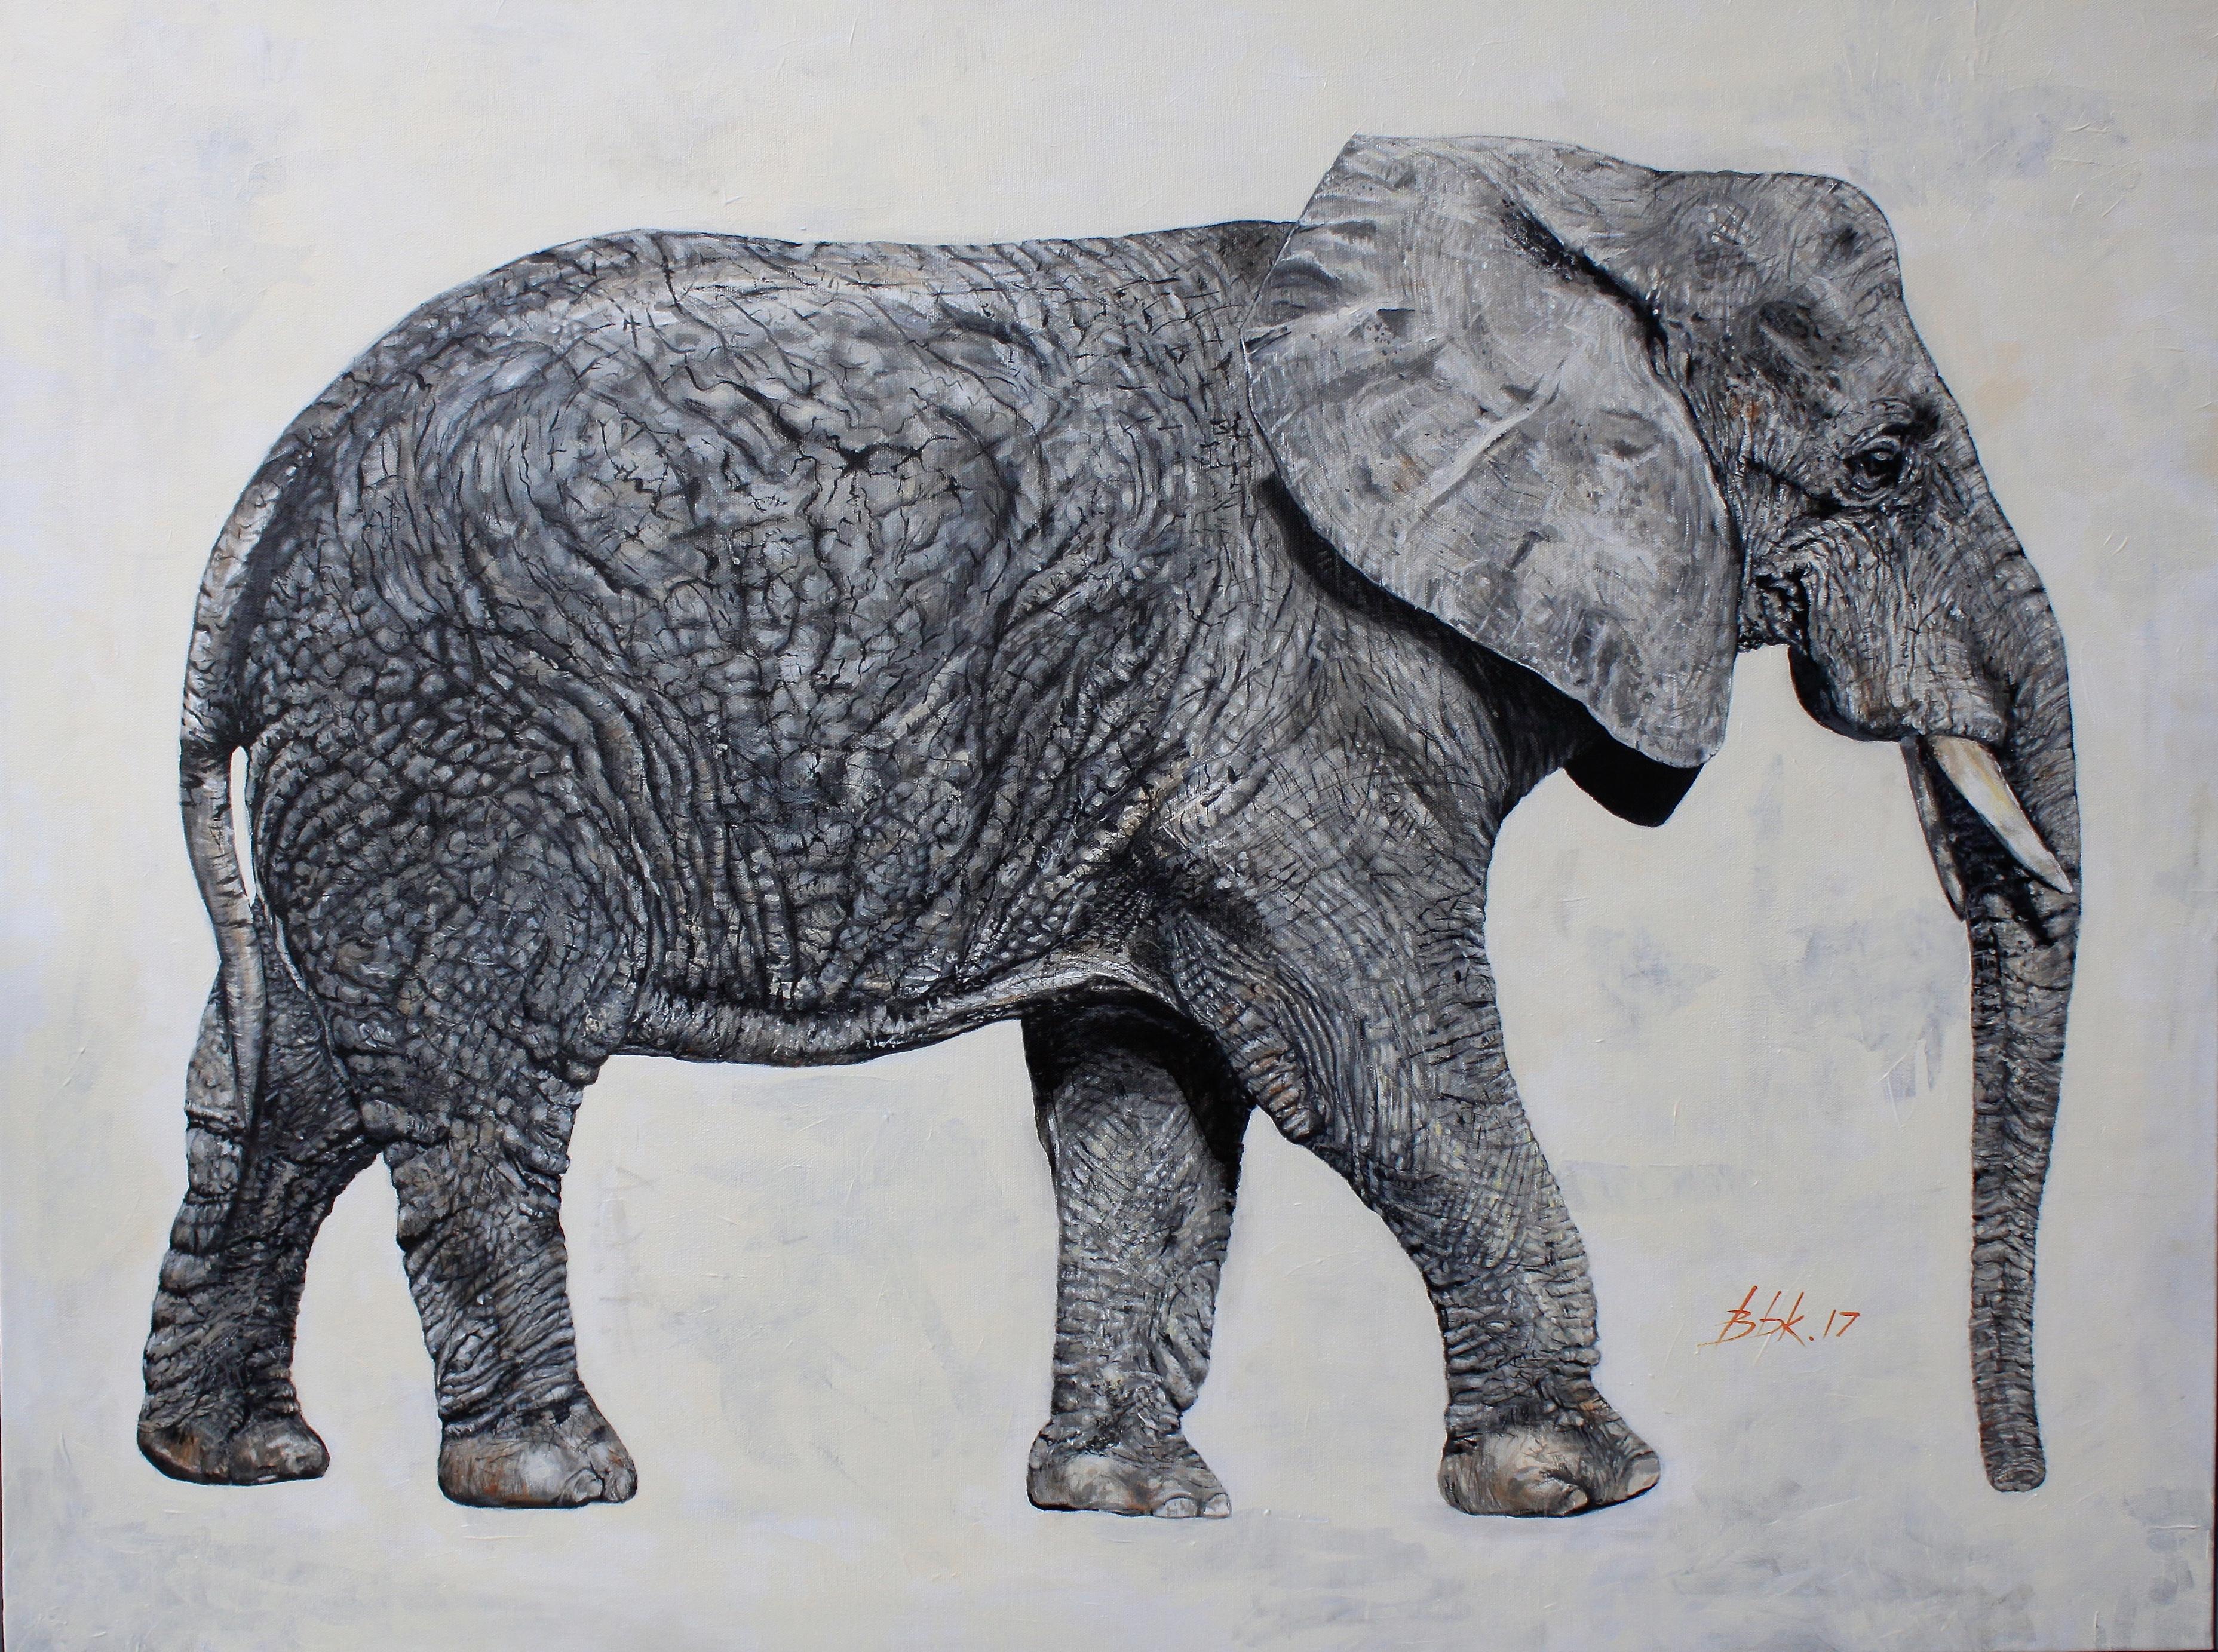 Solomon artwork by val bbk - art listed for sale on Artplode